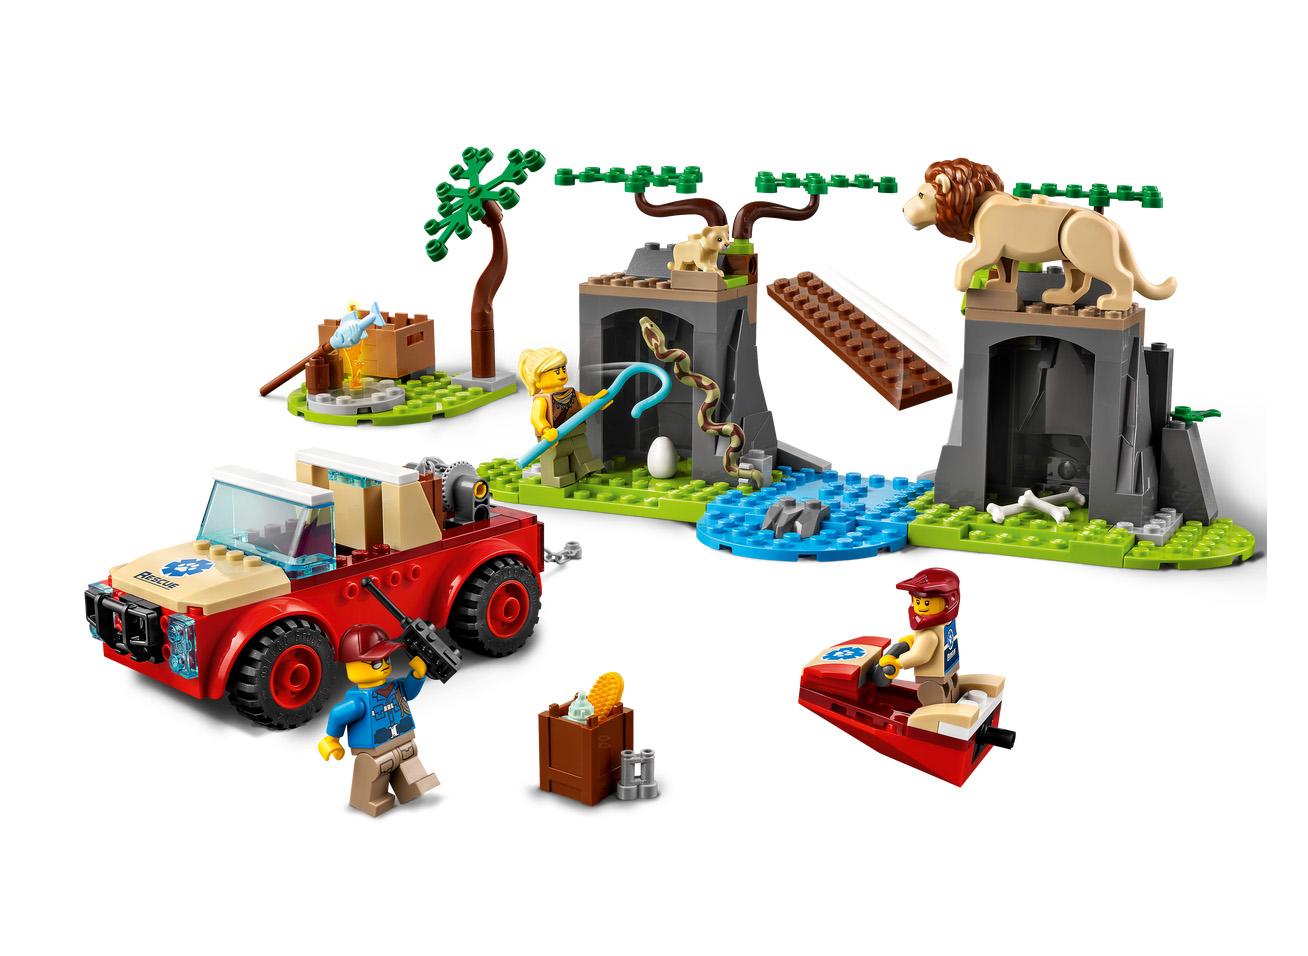 2021年6月1日発売見込みレゴ シティ新製品情報:スタントショーと動物レスキュー